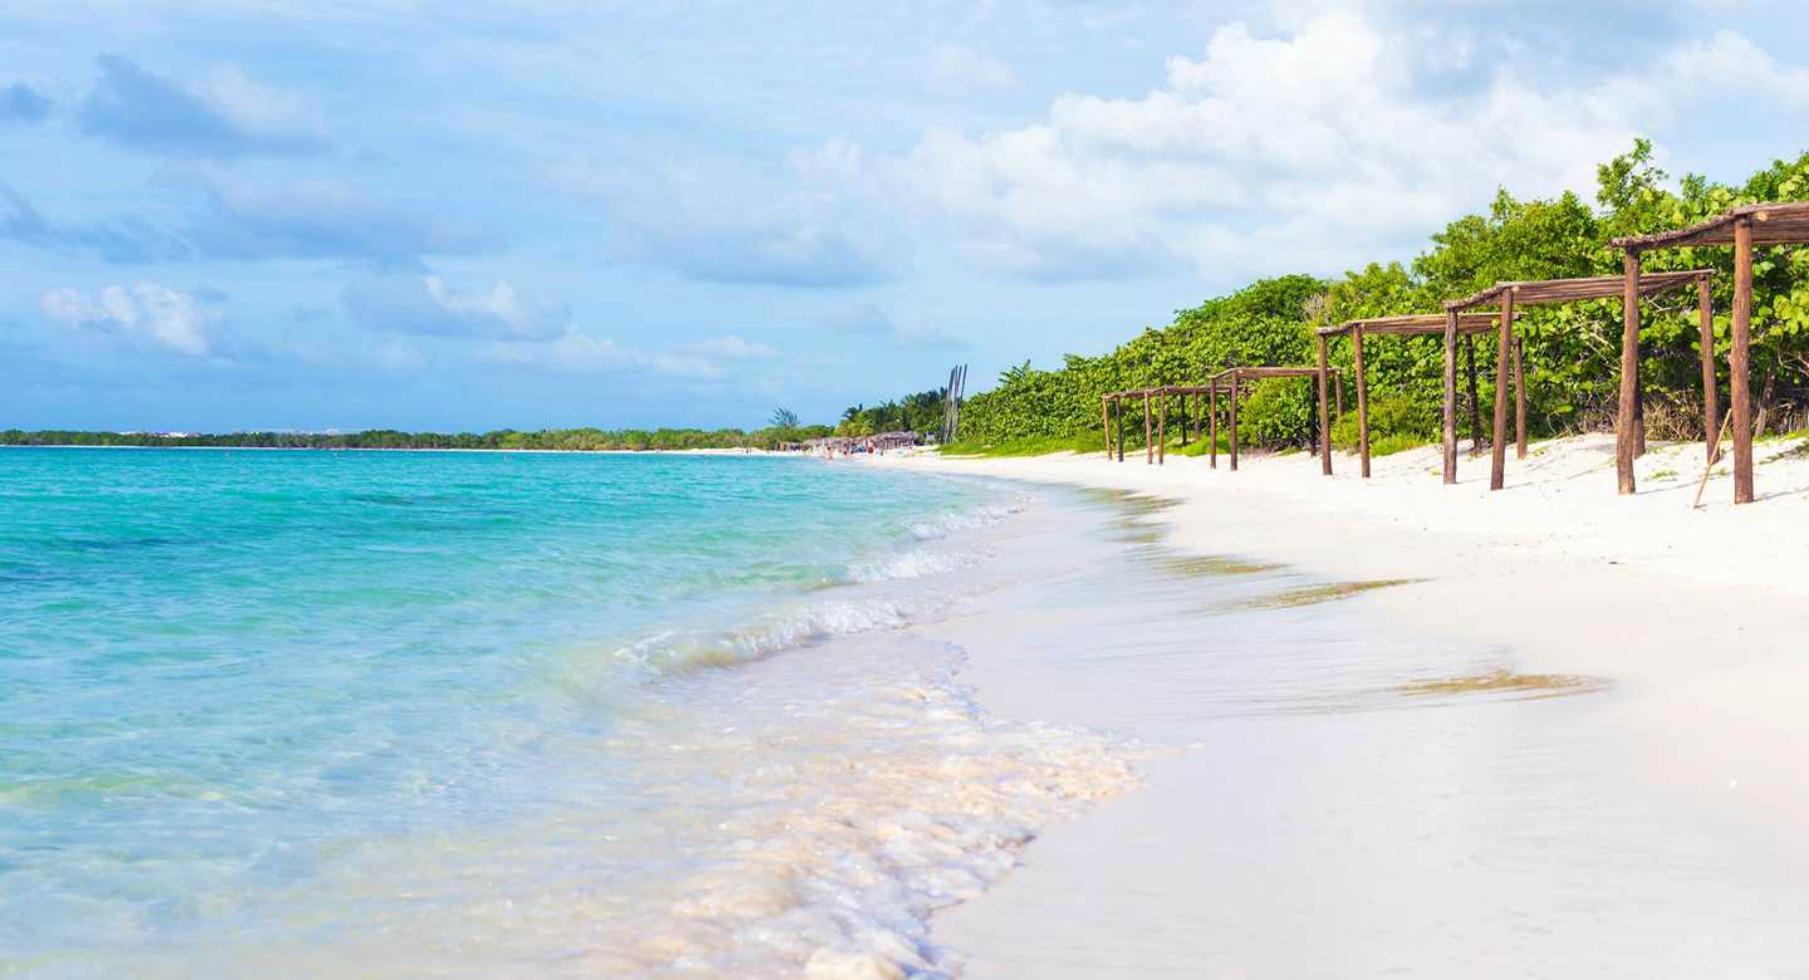 Kışın Deniz Altında Vakit Geçirilebilecek 5 Cennet